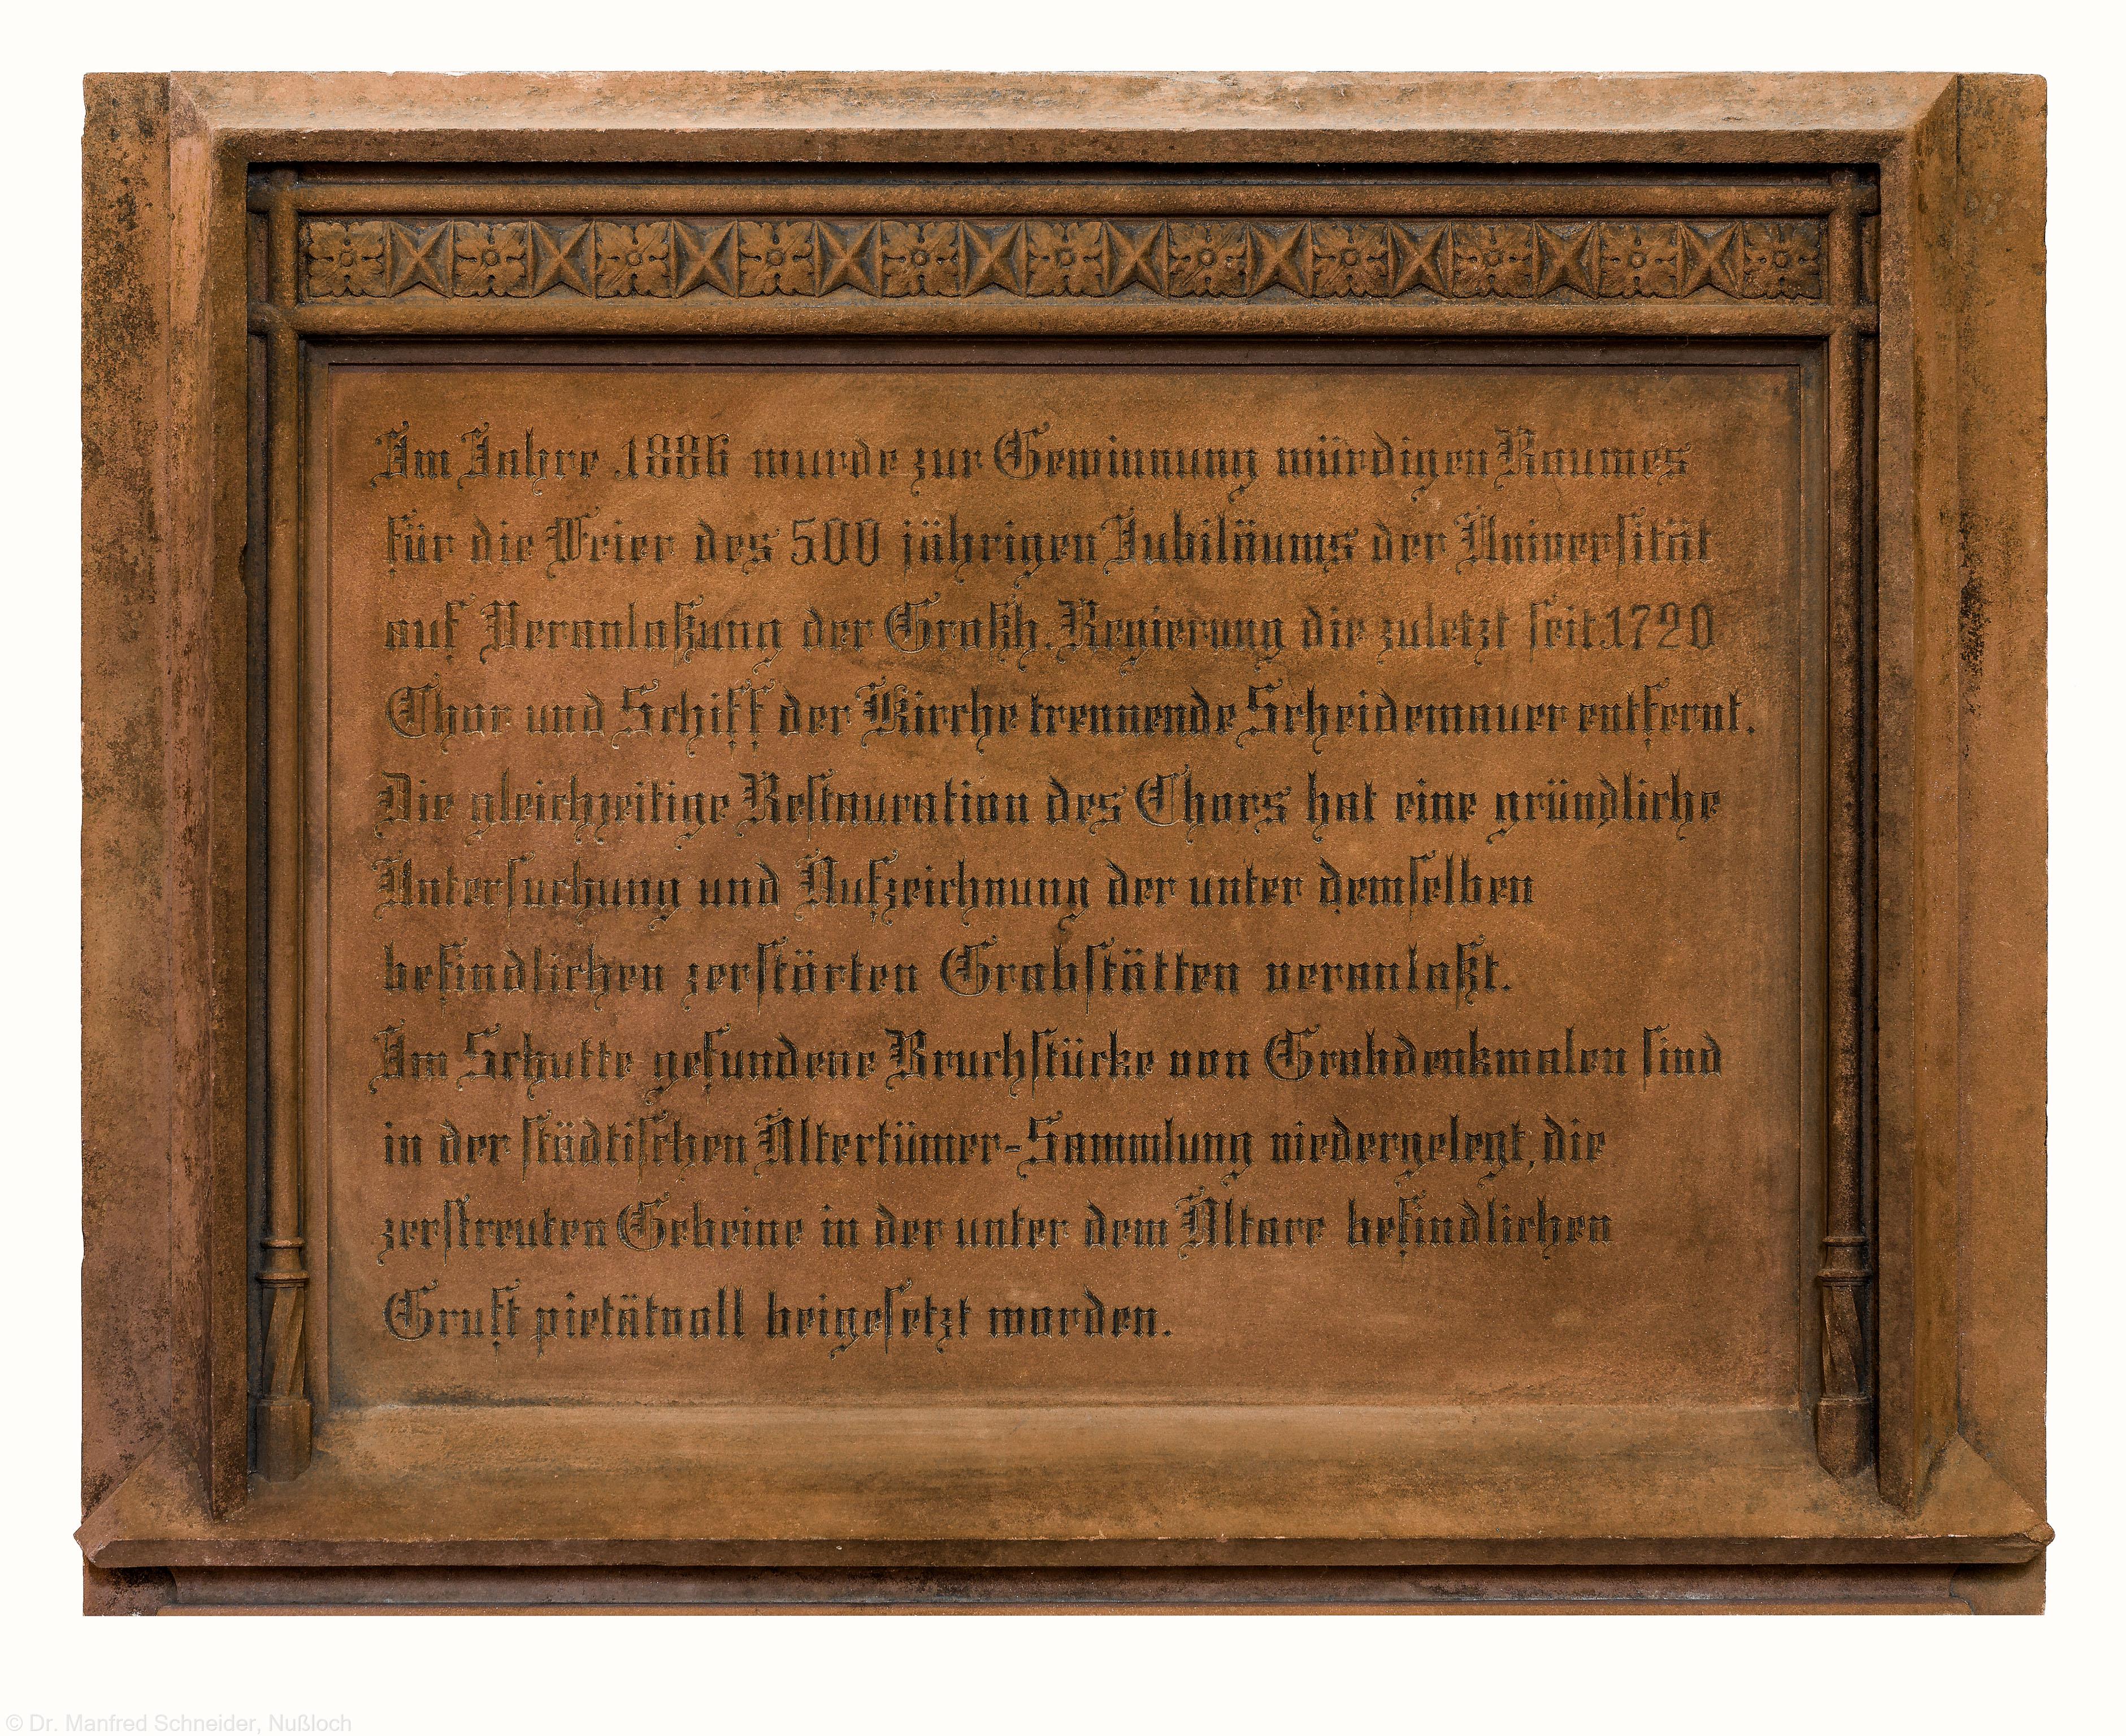 Heidelberg - Heiliggeistkirche - Südschiff - Gedenktafel zum Abriss der Scheidemauer 1886, an der Südwand, in der Mitte (aufgenommen im Januar 2014, am späten Vormittag)